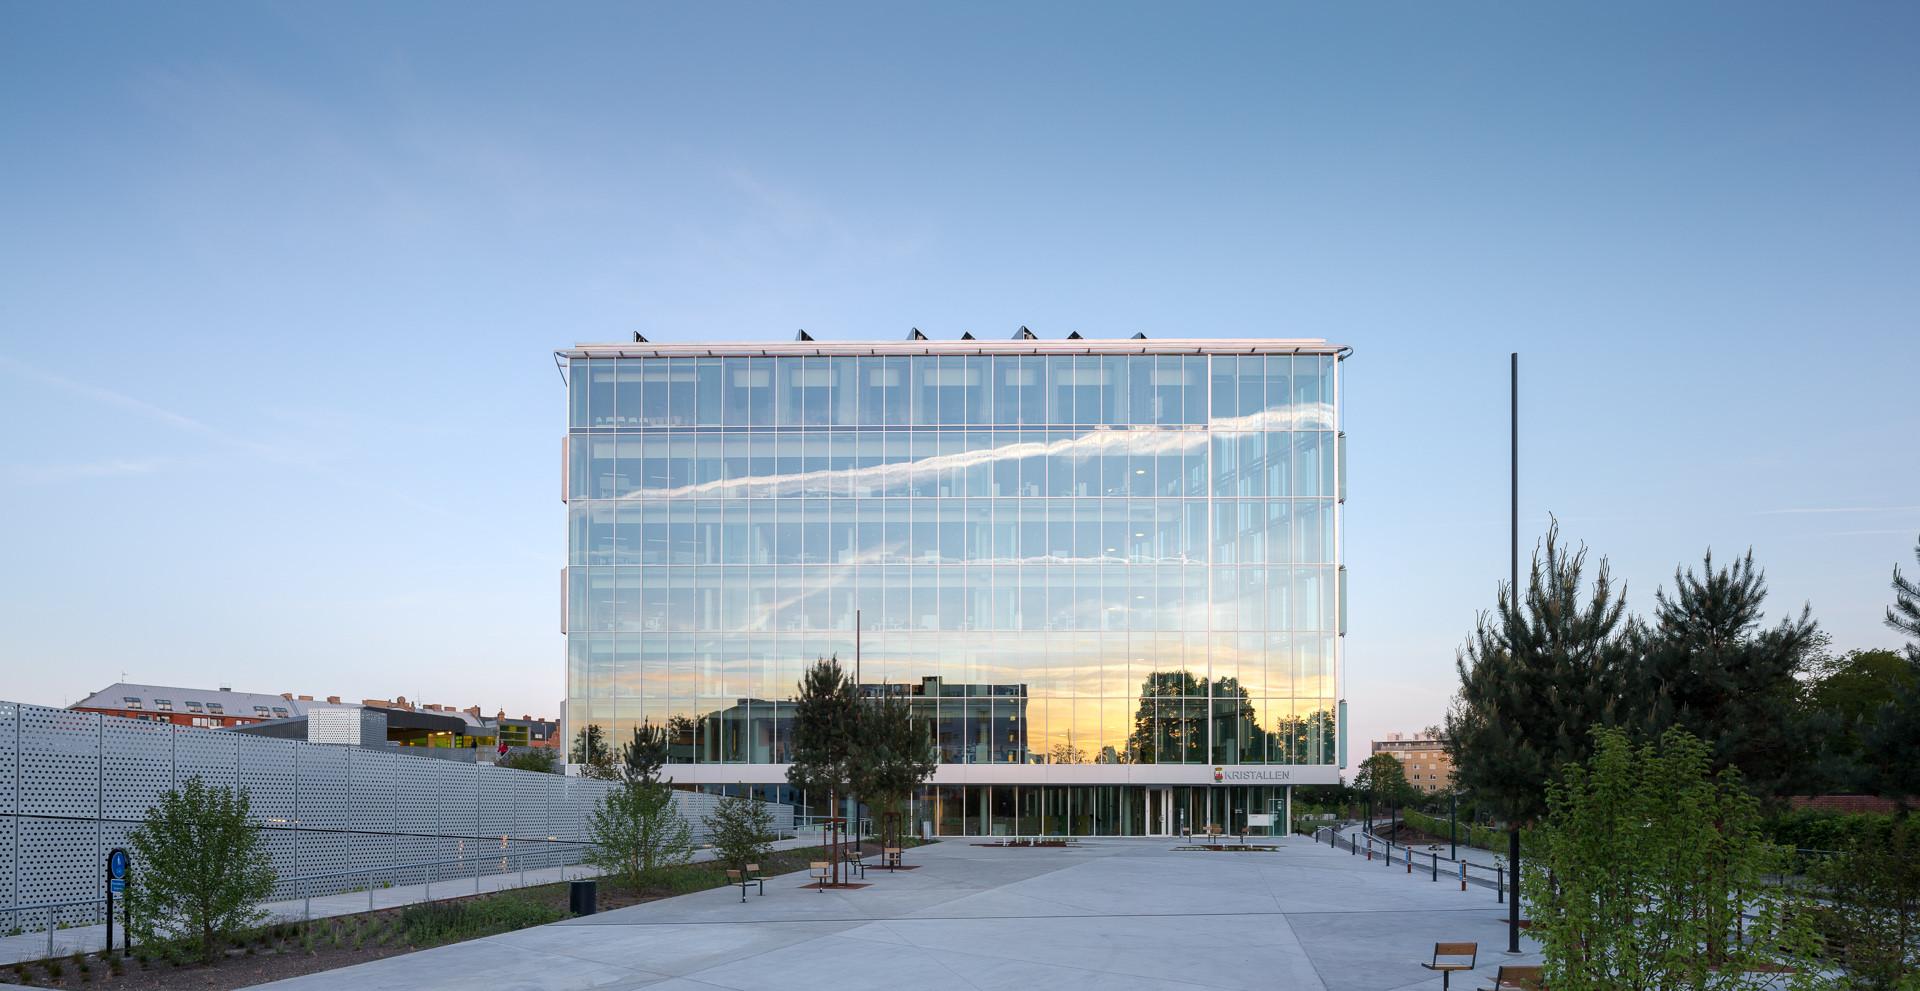 El ayuntamiento más sustentable de Suecia / Christensen & Co Architects, © Adam Mørk